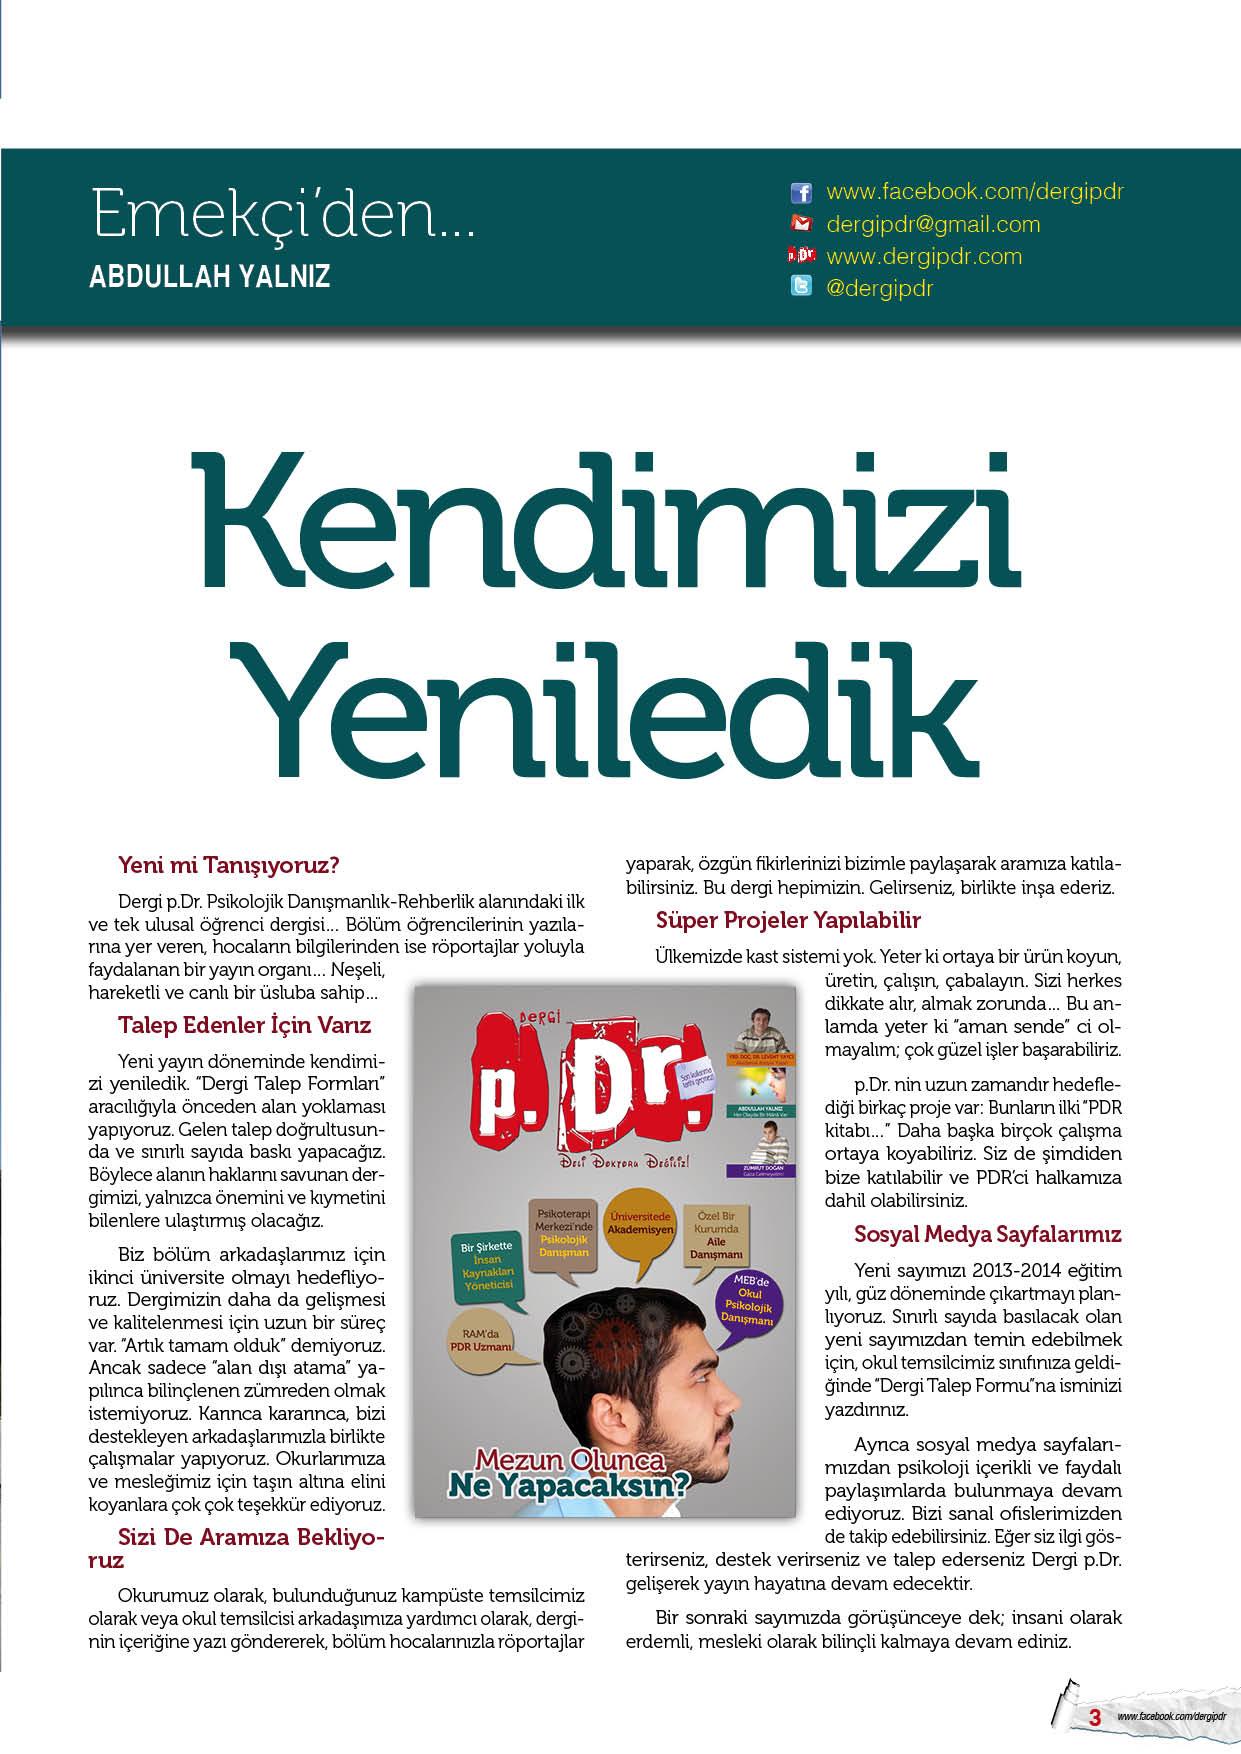 Dergi p.Dr. Kendini Yeniledi